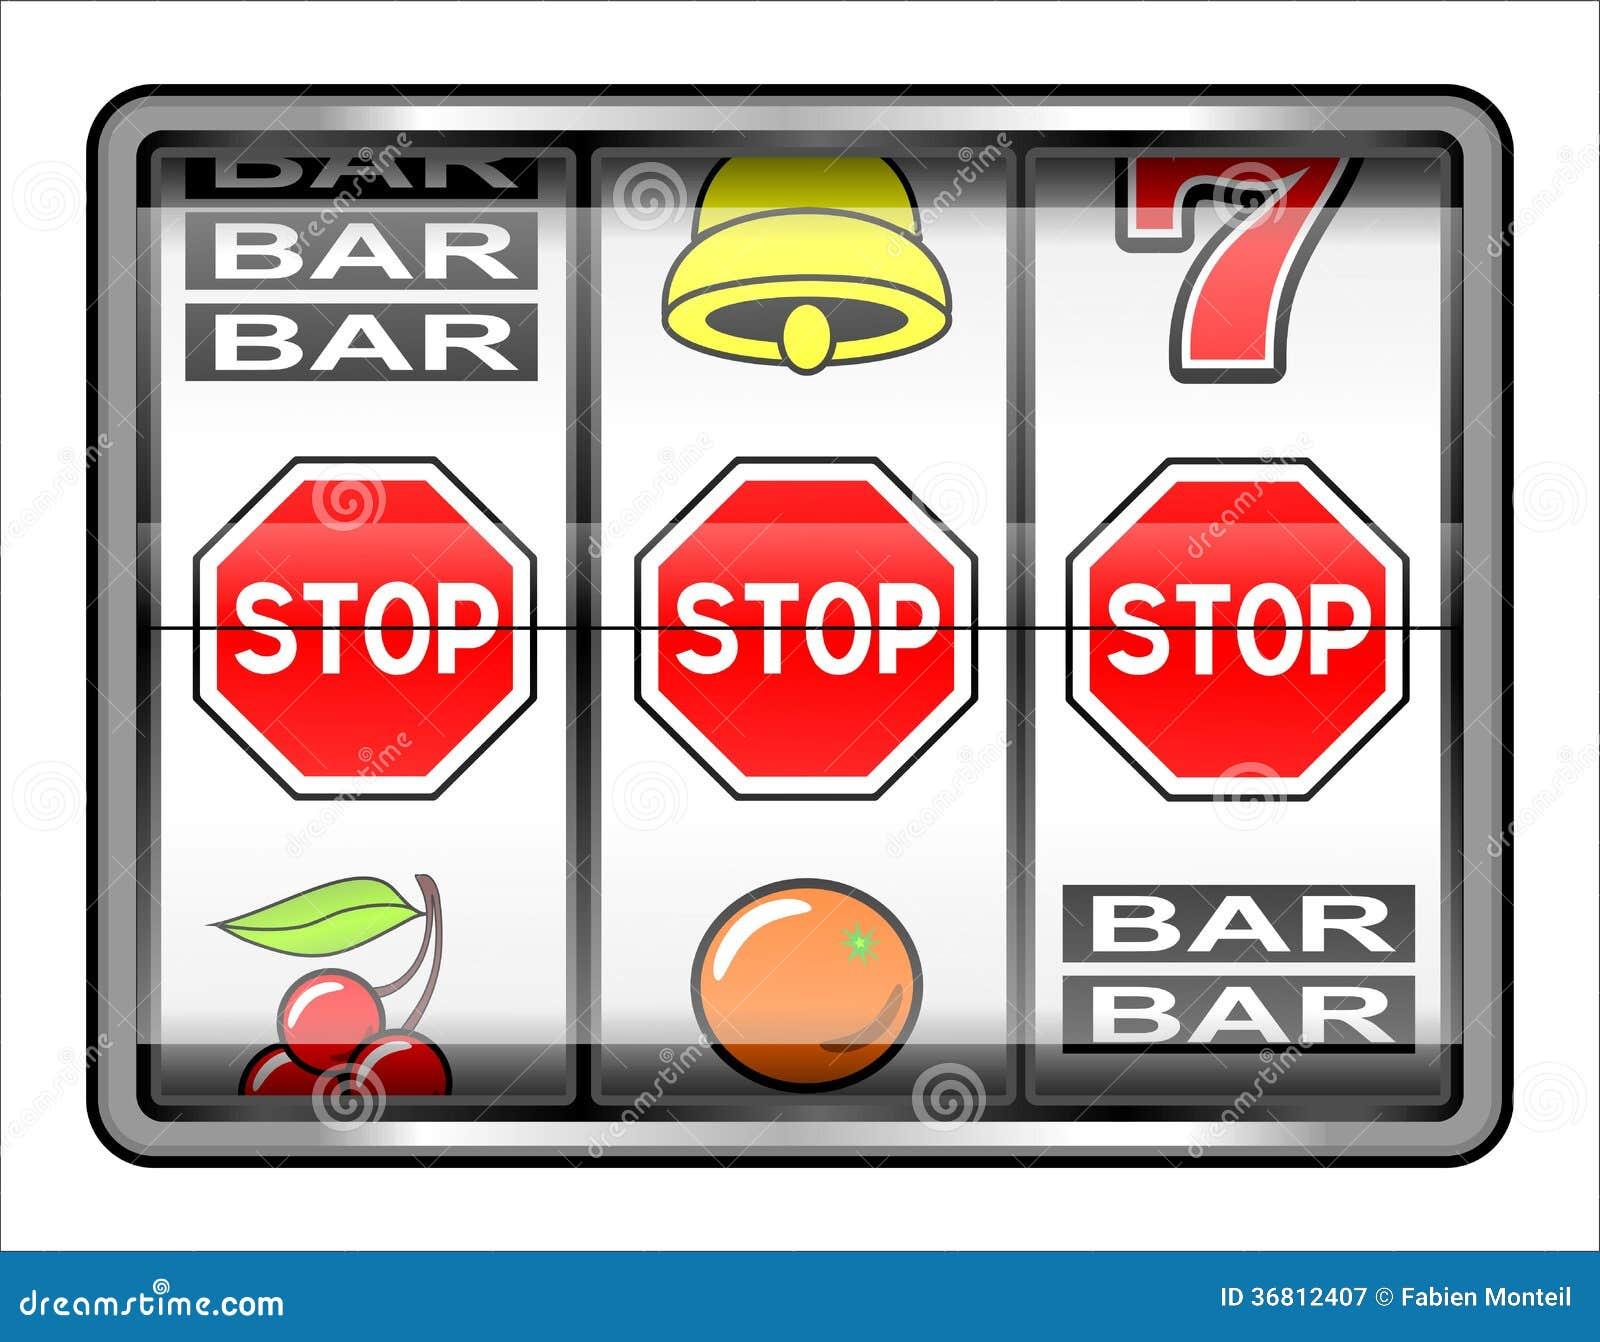 Abilify Spielsucht